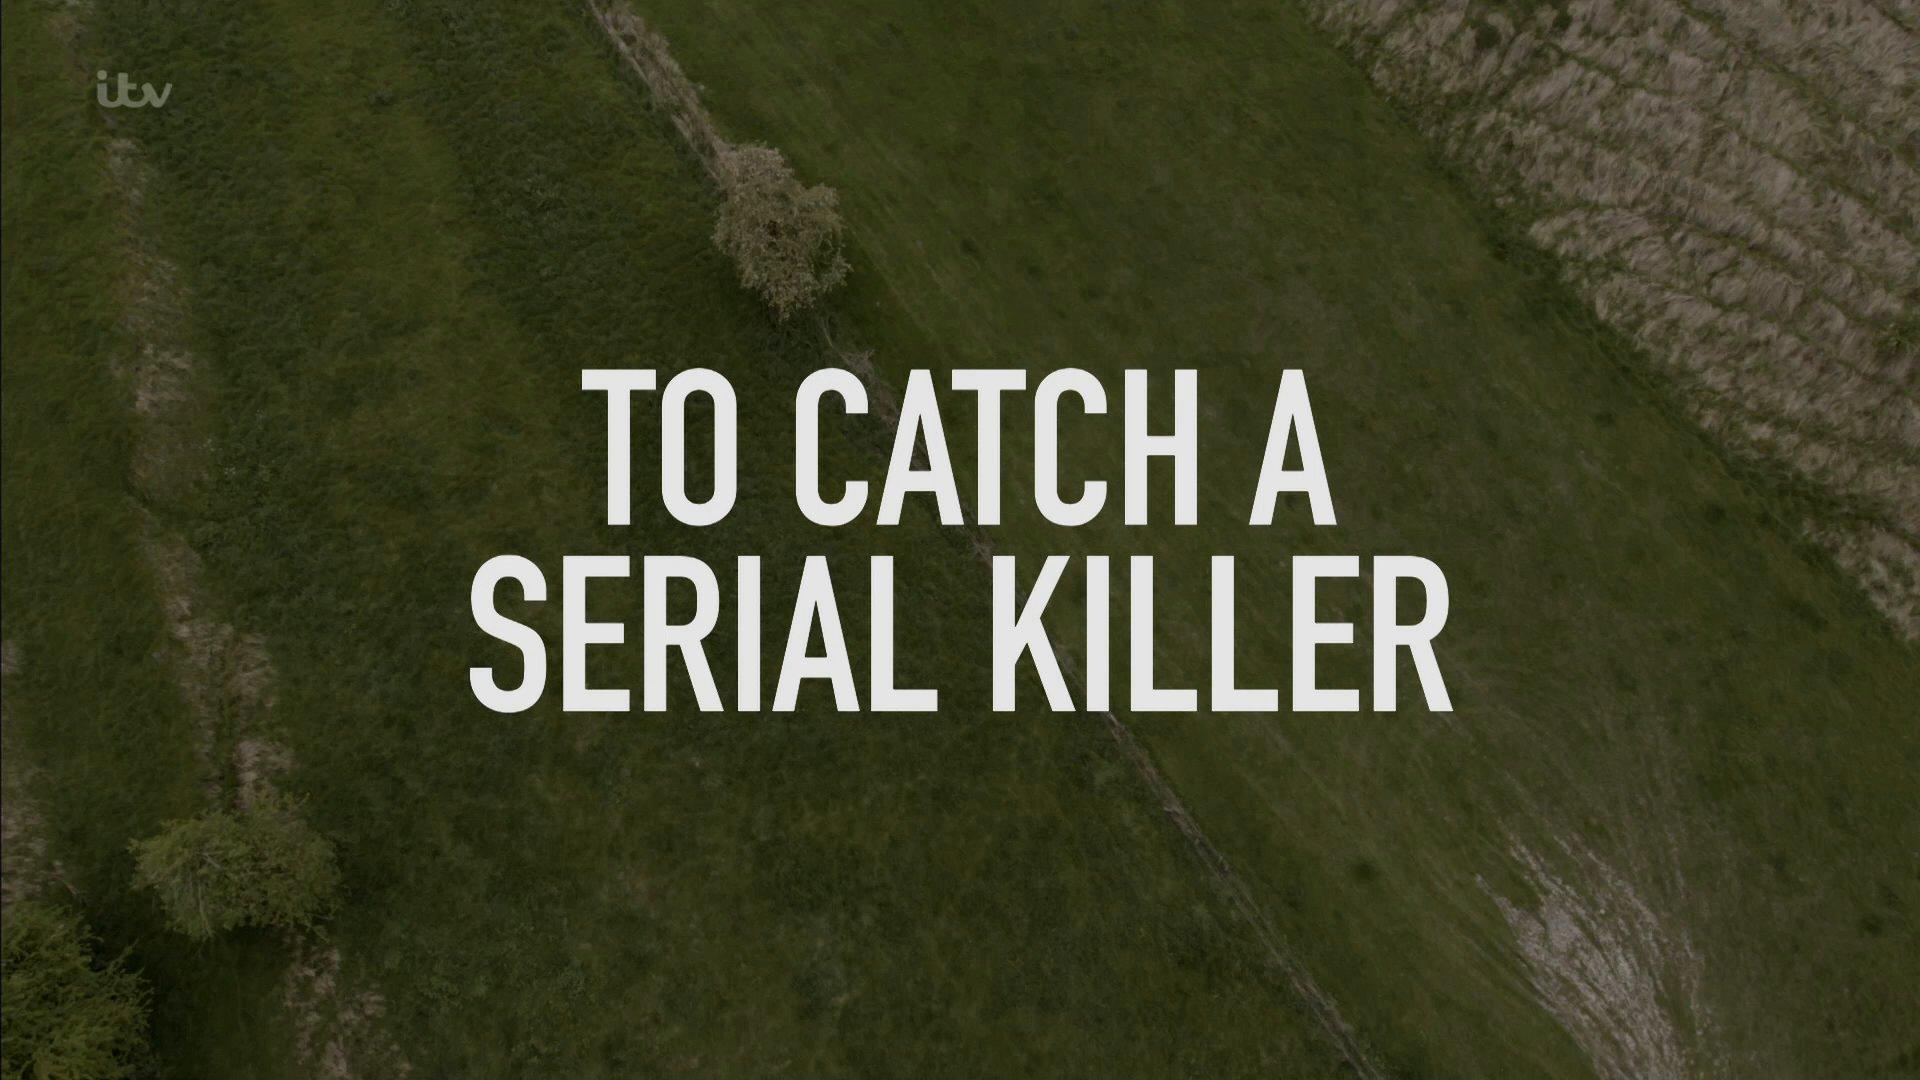 To Catch a Serial Killer with Trevor McDonald (TV Movie 2018